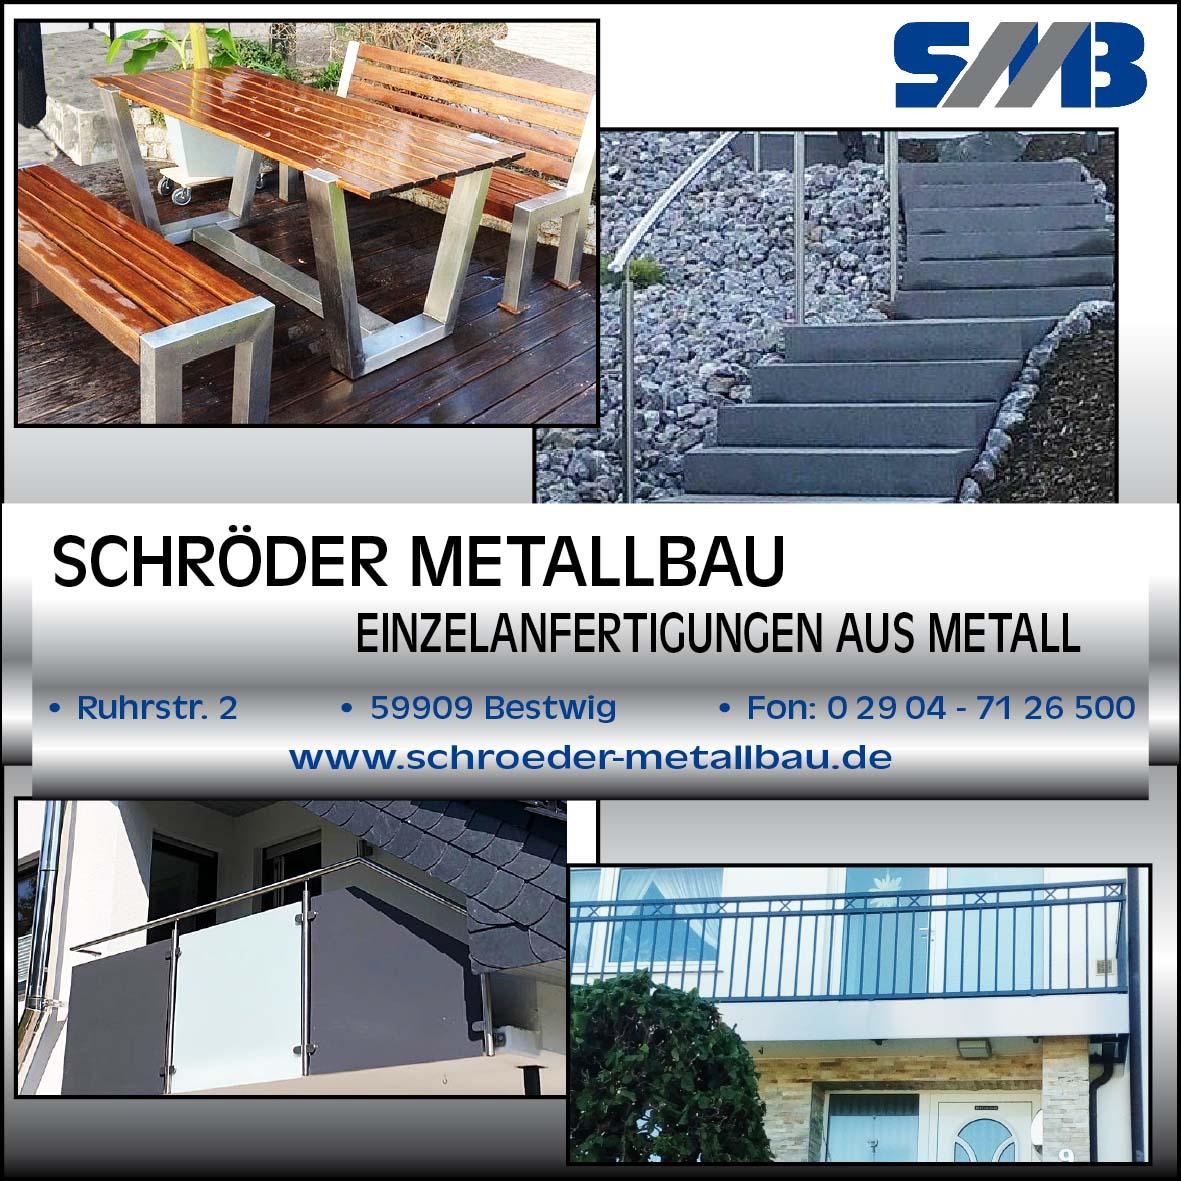 Metallbau Schröder